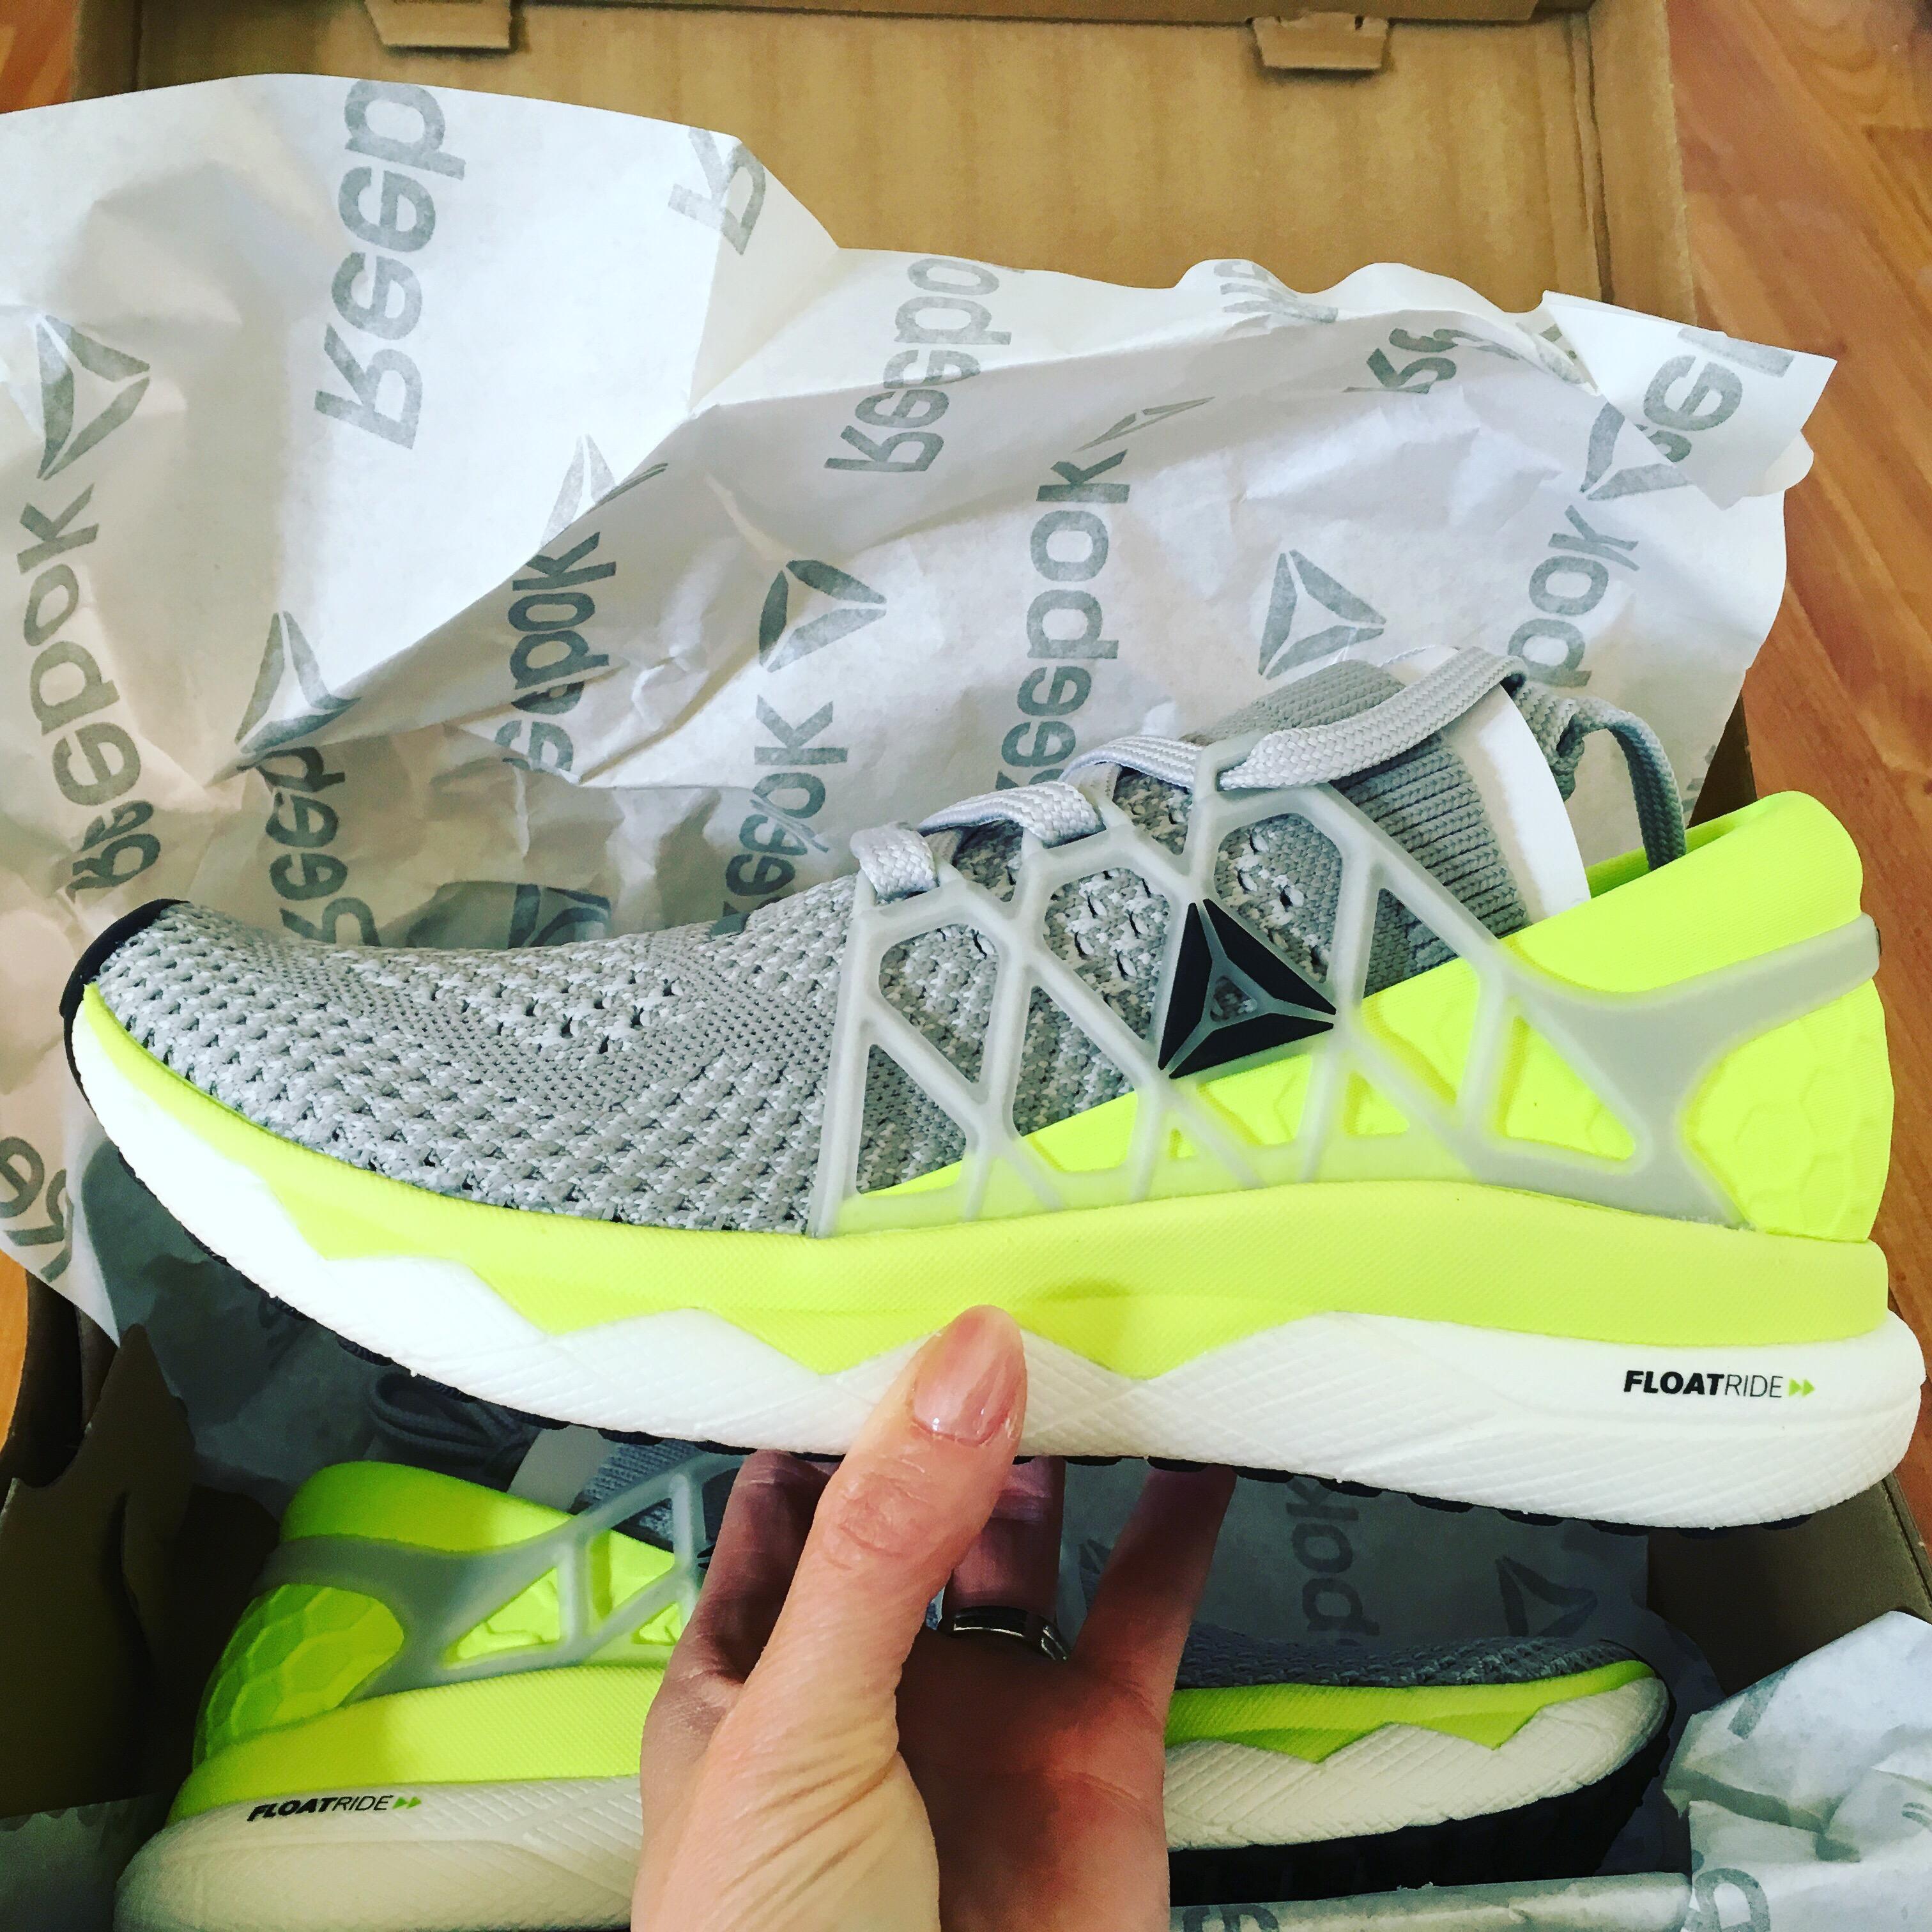 Reebok Float Ride Shoes